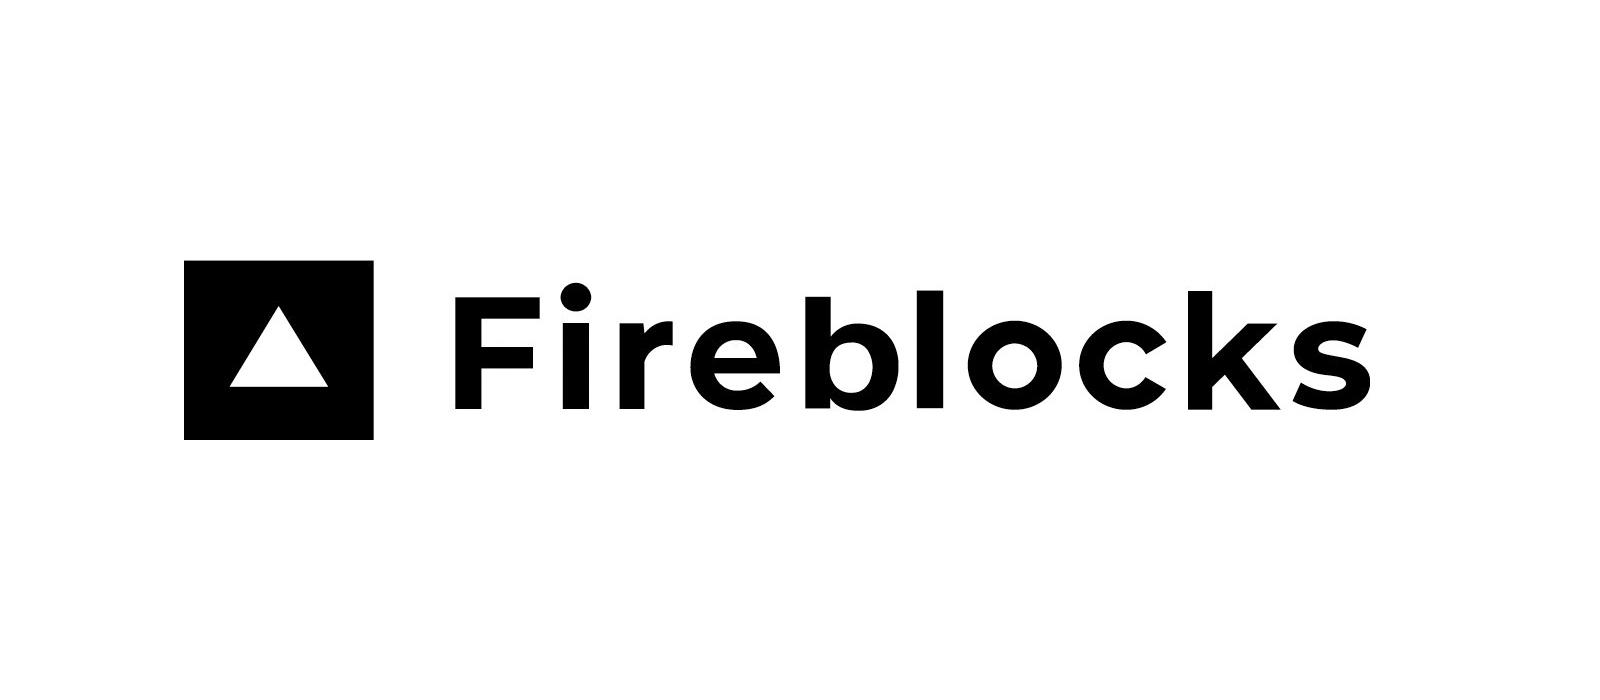 Fireblocks Surpasses $600 Billion in Digital Assets Transferred